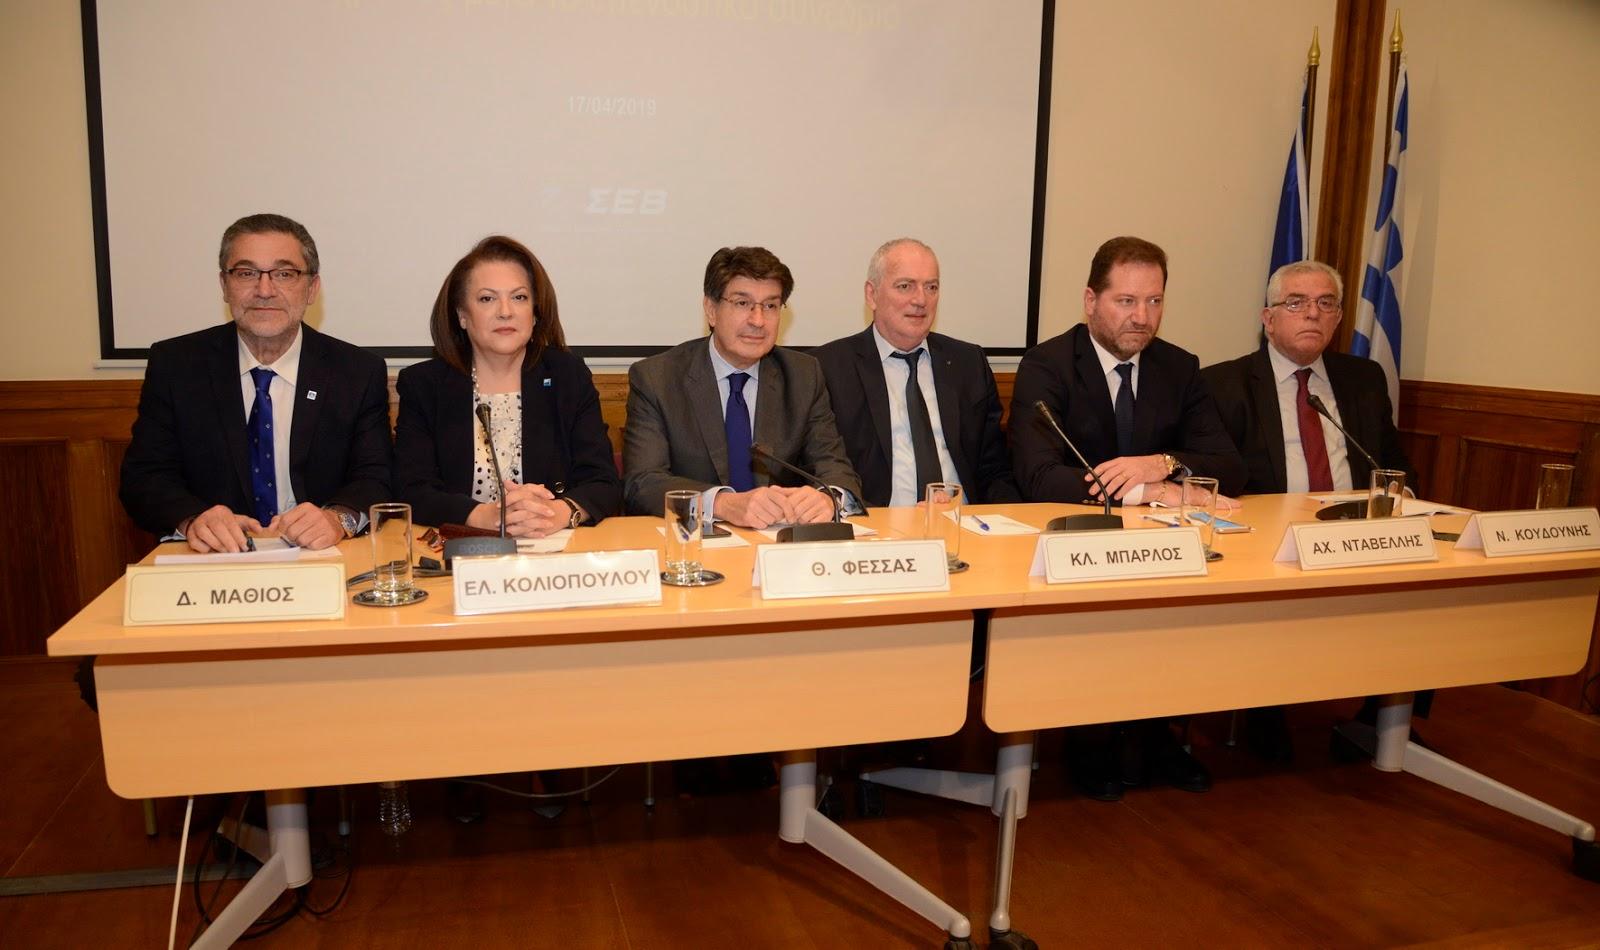 Συμμετοχή ΣΘΕΒ σε κοινή συνέντευξη τύπου με τα μέλη του Συντονιστικού Συμβουλίου των περιφερειακών και τοπικών Οργανώσεων του ΣΕΒ για θέματα επενδύσεων